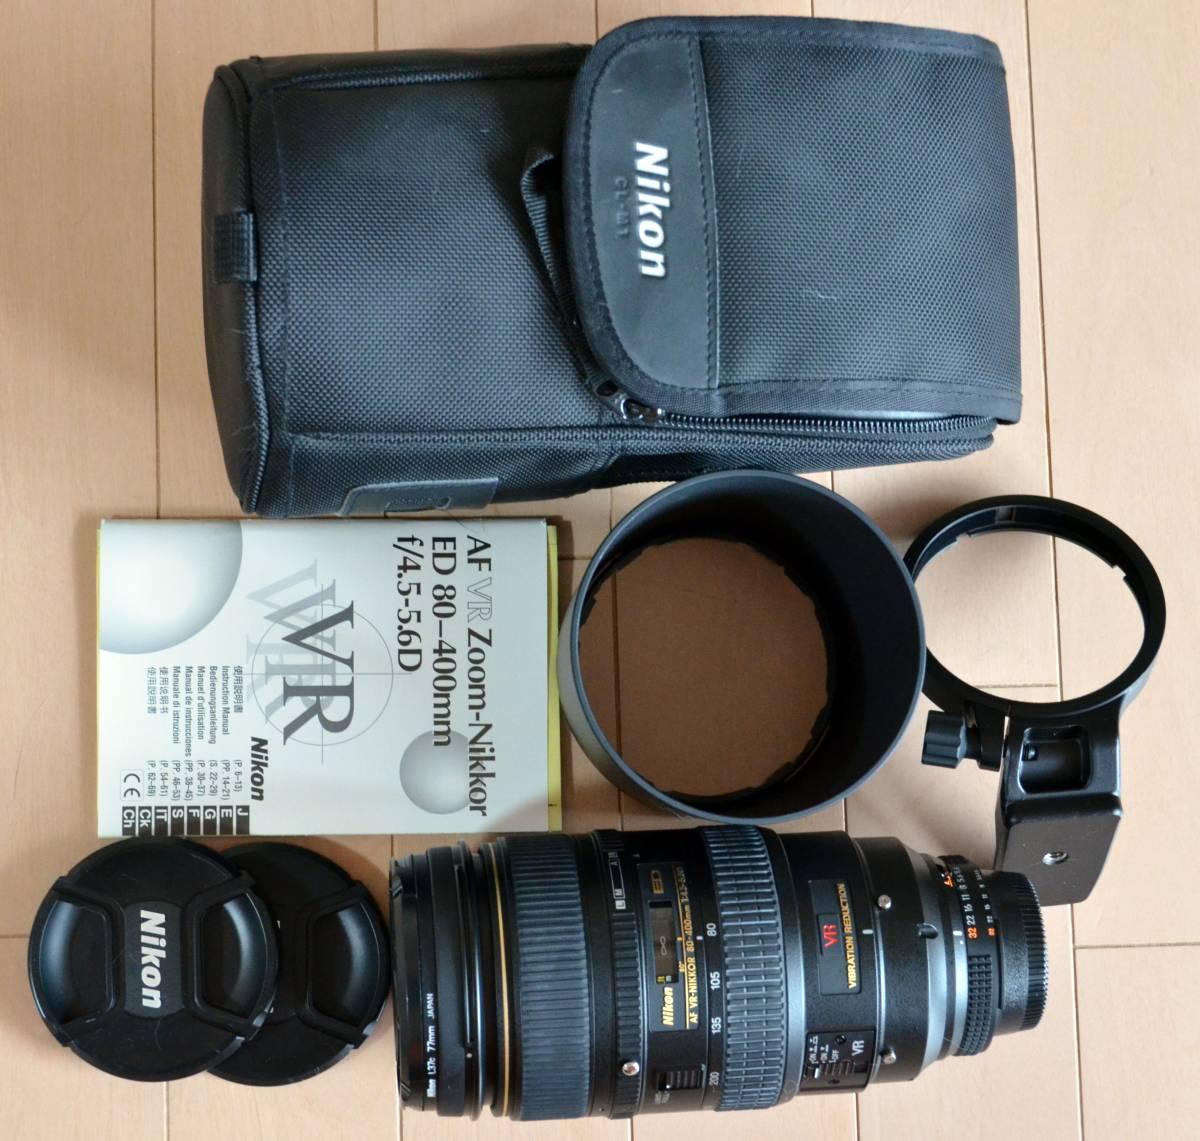 Nikon ニコン AF VR Zoom-Nikkor ED 80-400mm f/4.5-5.6D